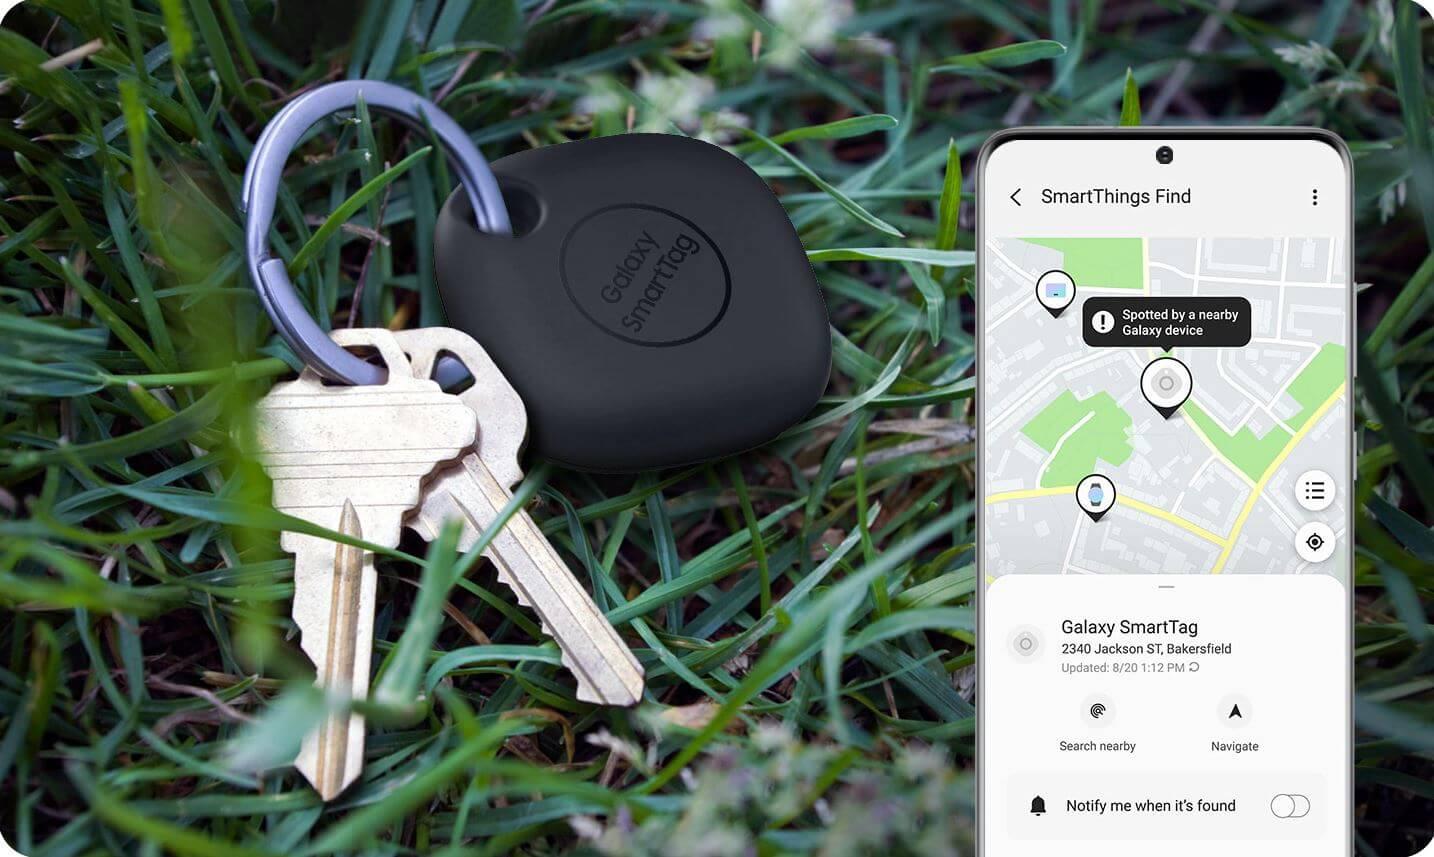 samsung galaxy smarttag tracker 4